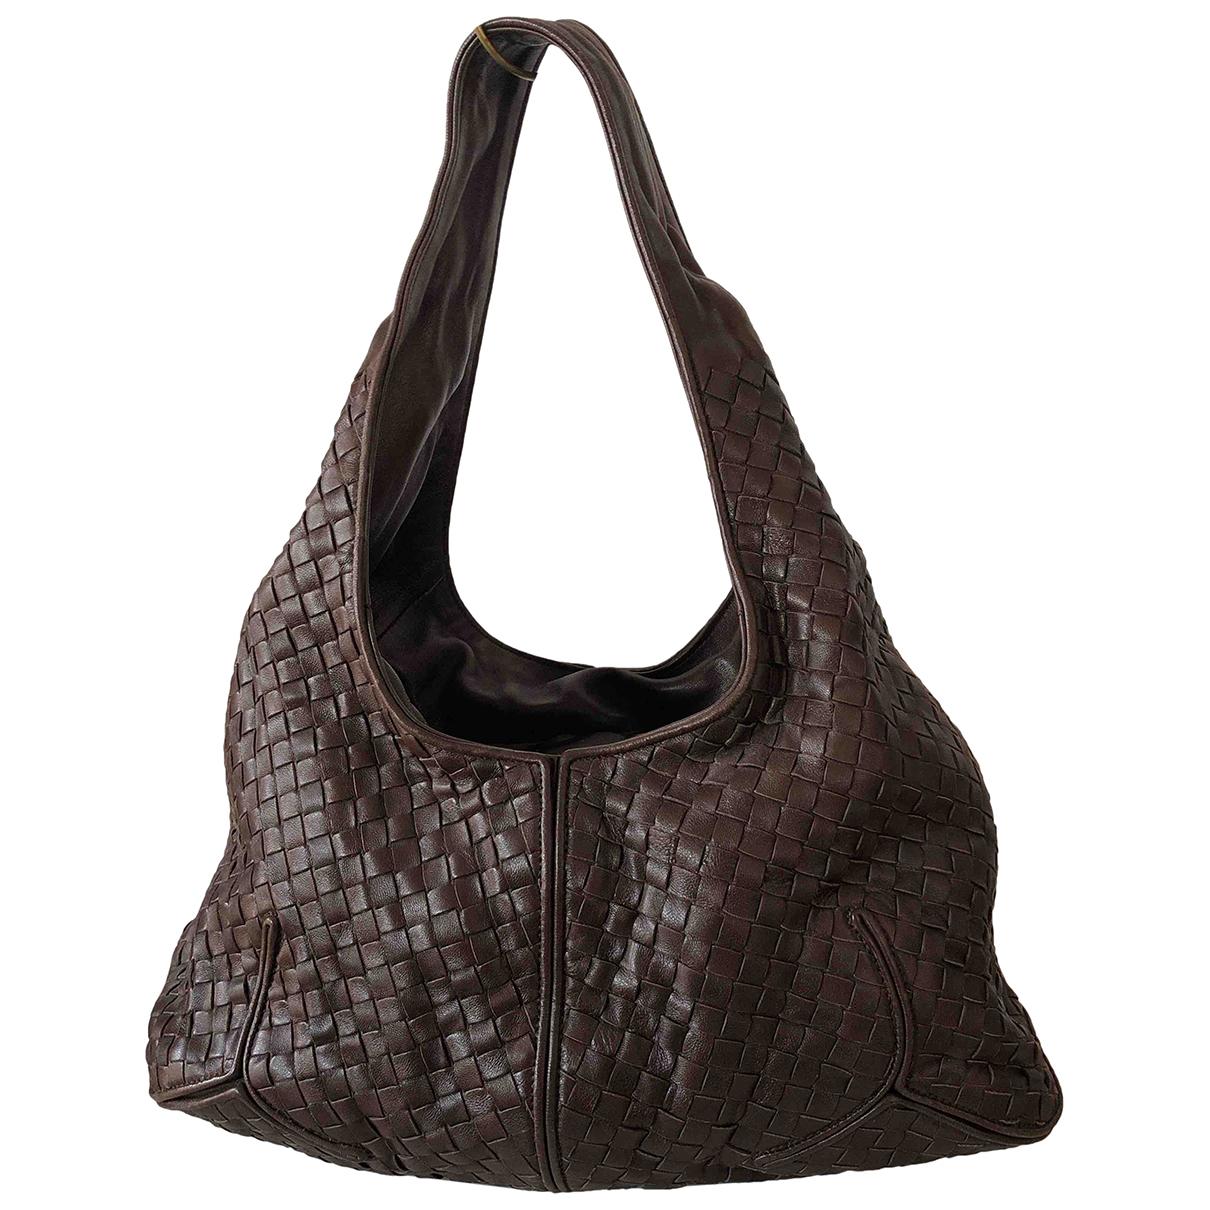 Bottega Veneta - Sac a main Veneta pour femme en cuir - marron